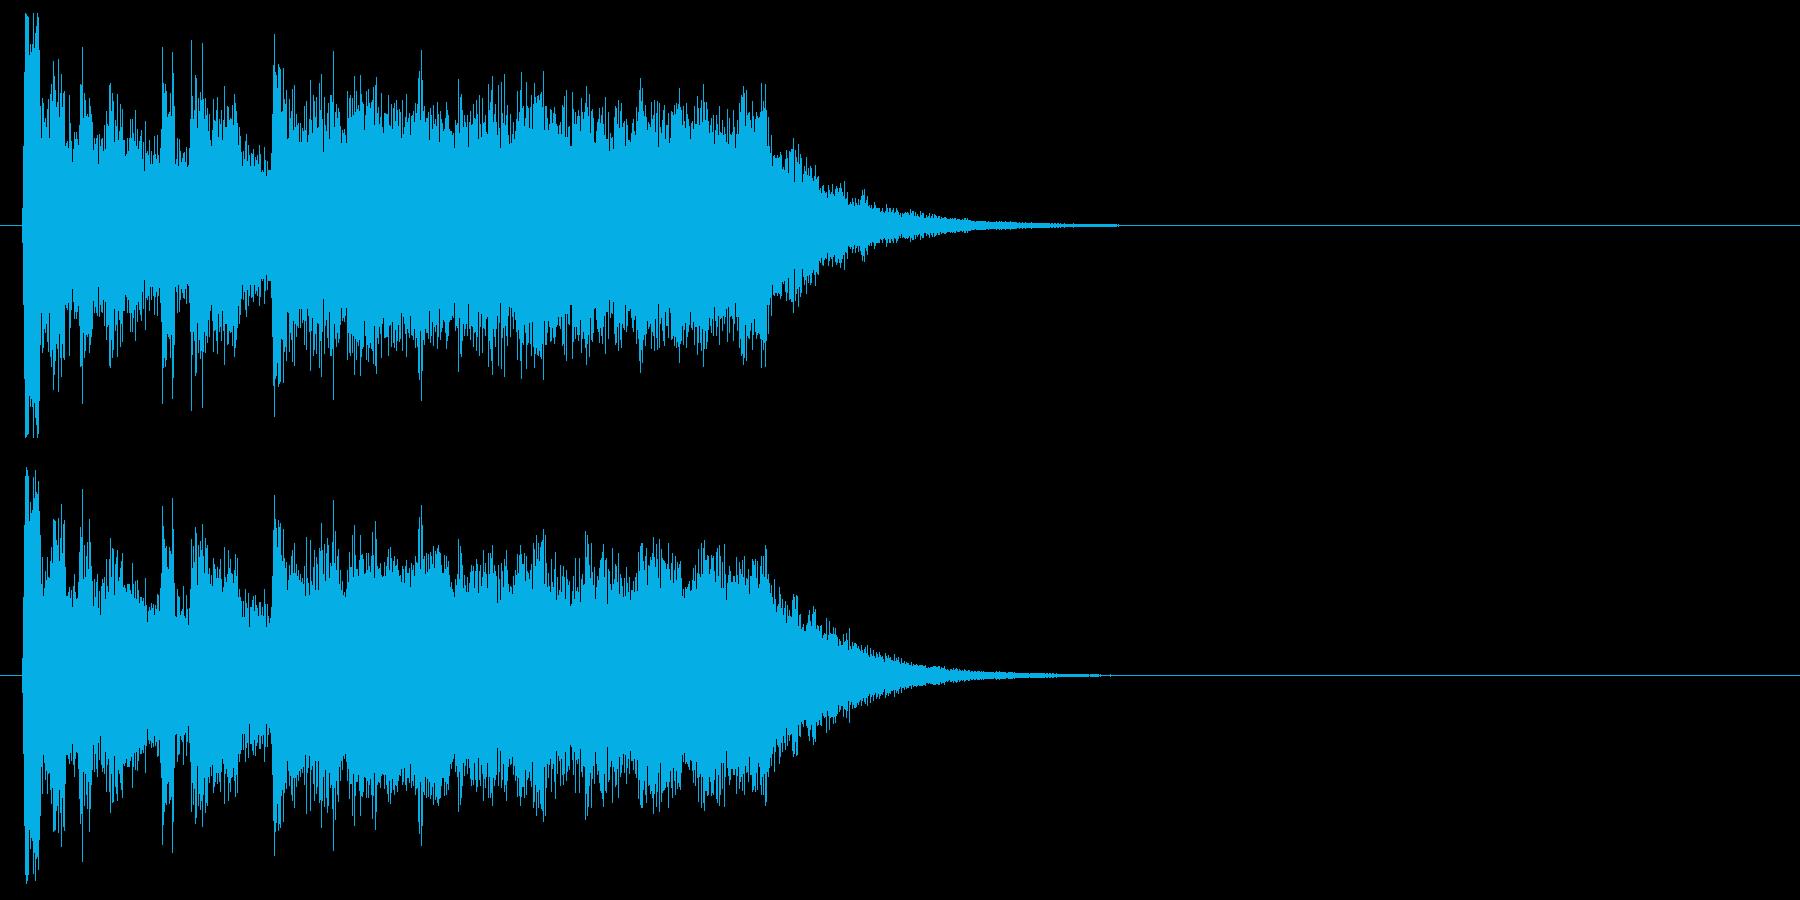 ファンファーレ 登場 表彰 発表 宮殿の再生済みの波形